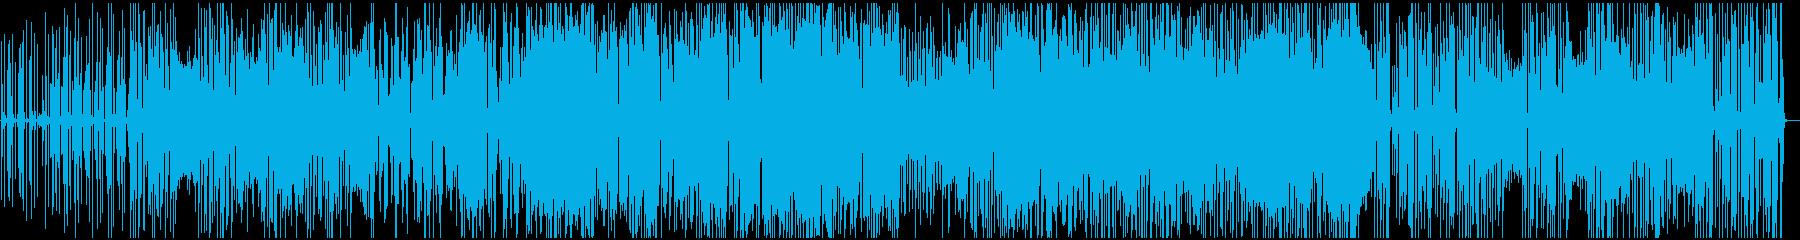 イントロドラムとグルーヴジャズ、オ...の再生済みの波形